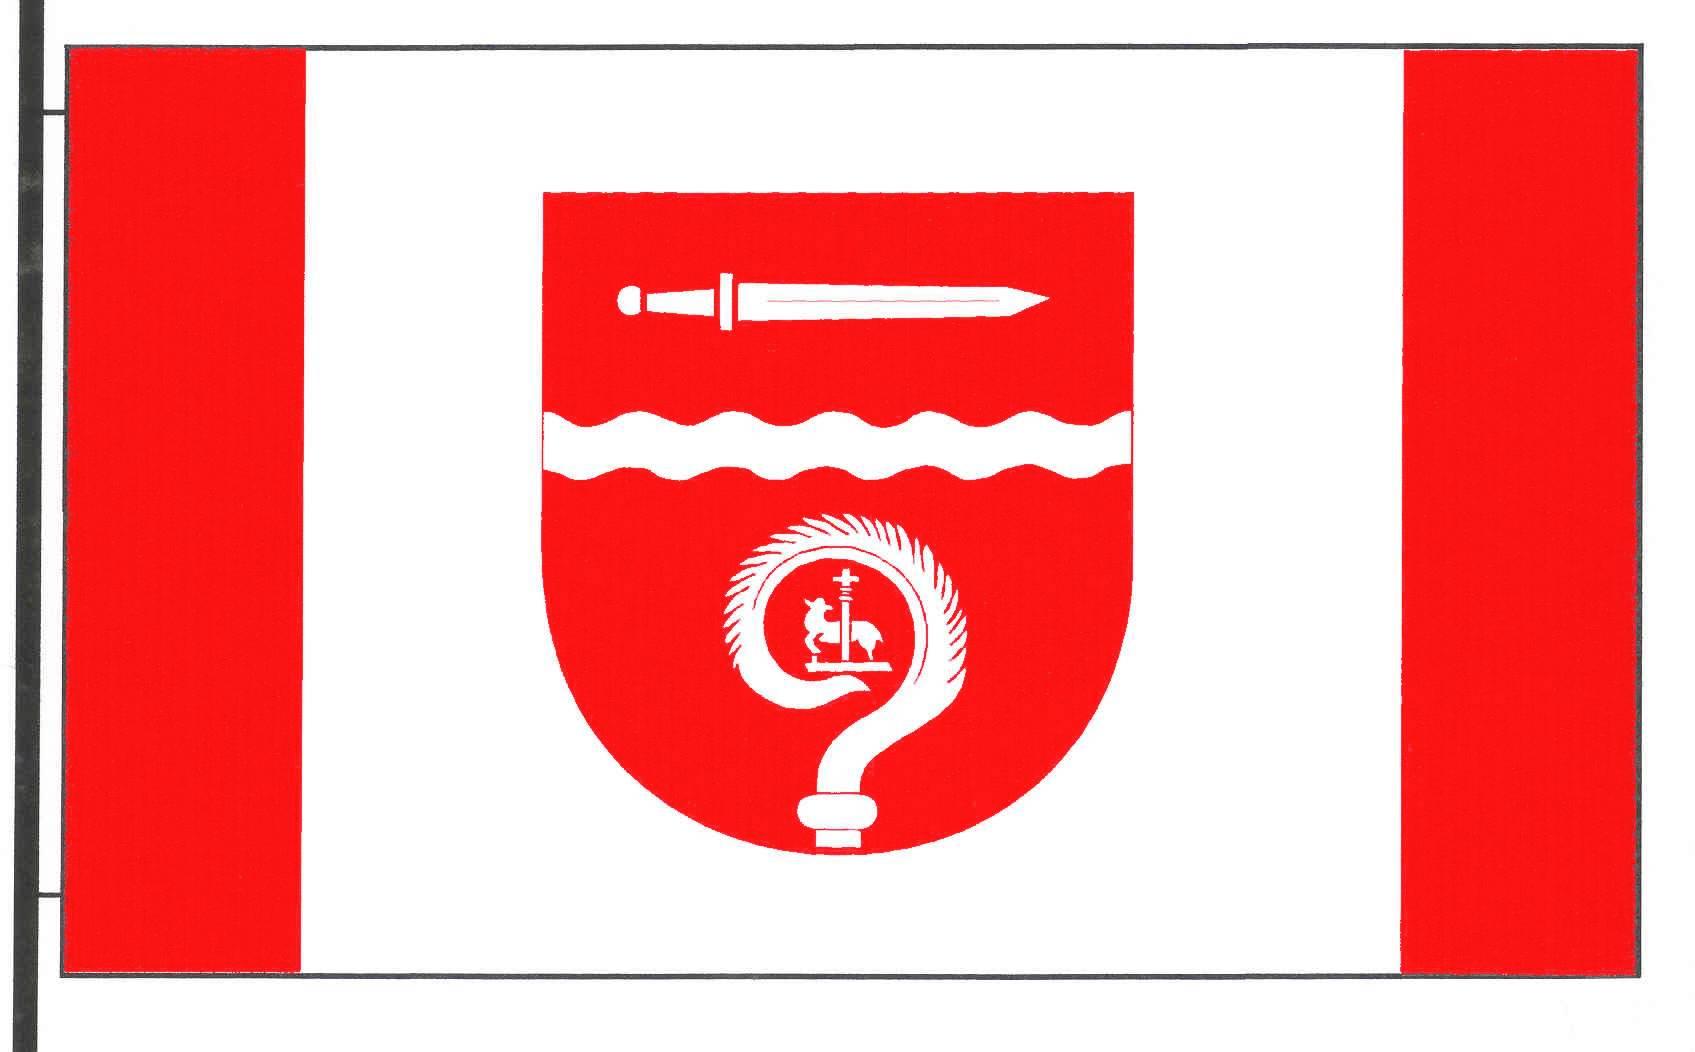 Flagge GemeindeLangwedel, Kreis Rendsburg-Eckernförde